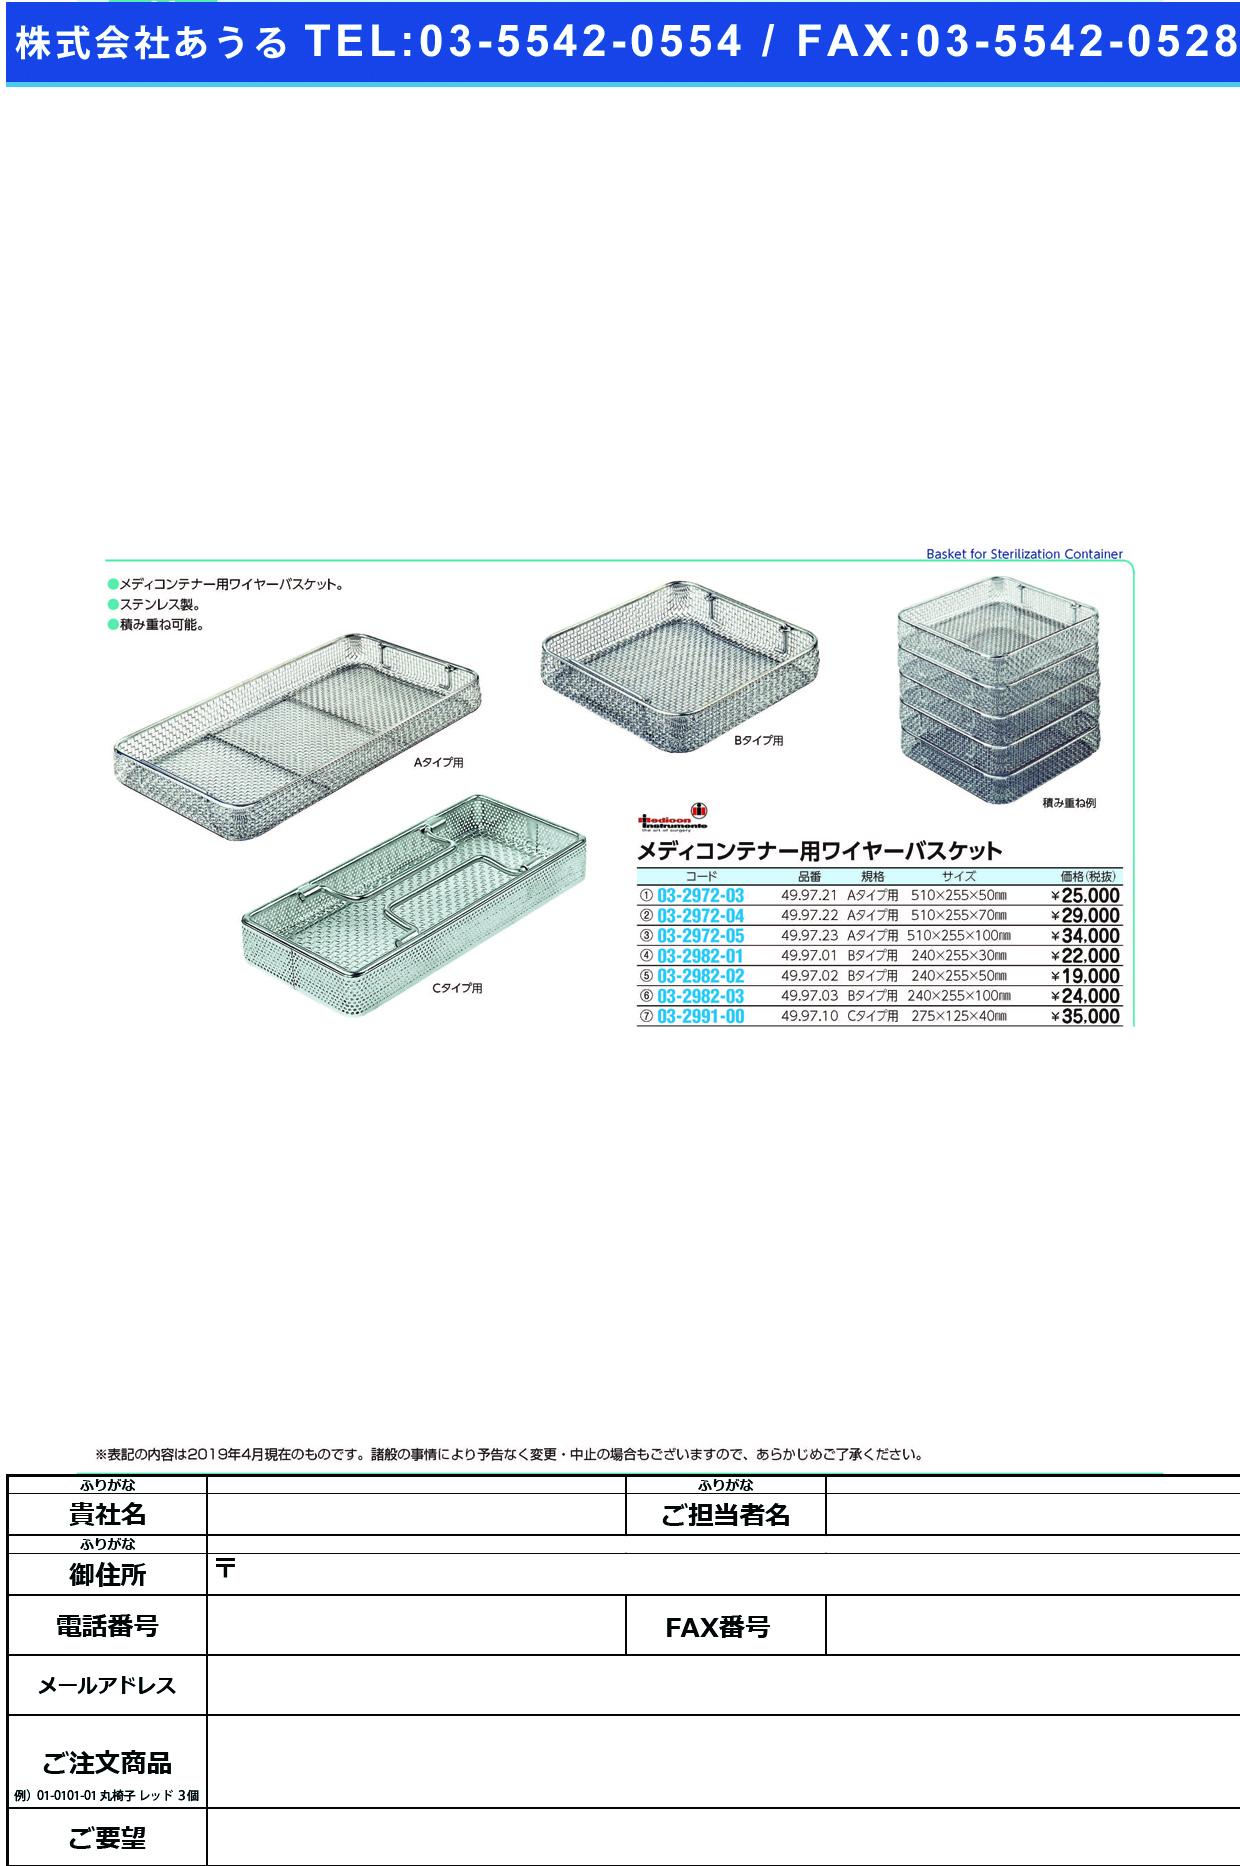 メディコンテナー用ワイヤーバスケット 49.97.03(Bタイプヨウ) メディコンテナーワイヤーバスケット